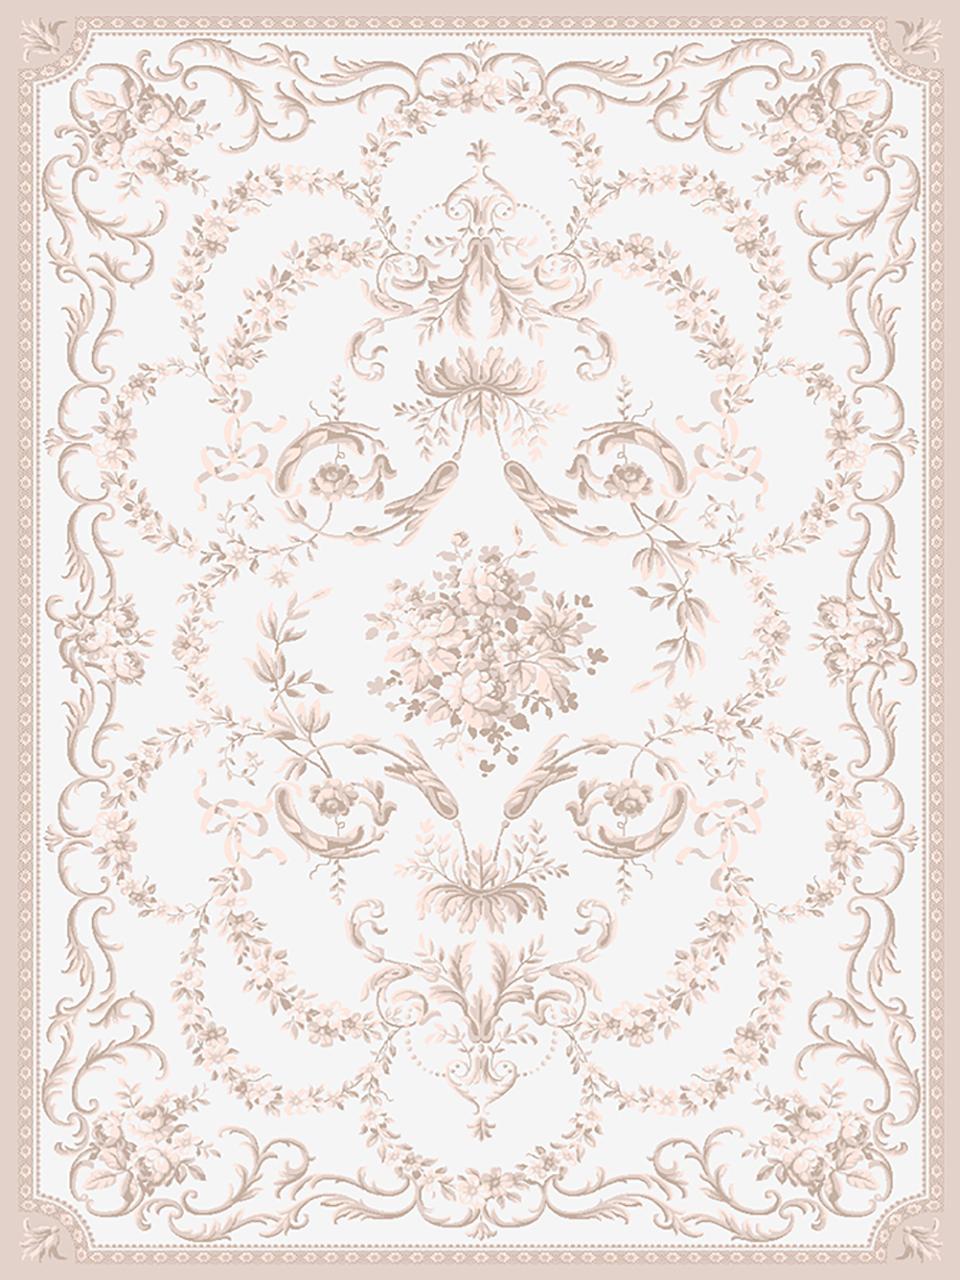 فرش (1900) پلی پروپیلن - 8 رنگ - 410 شانه - کرم - تراکم 1000